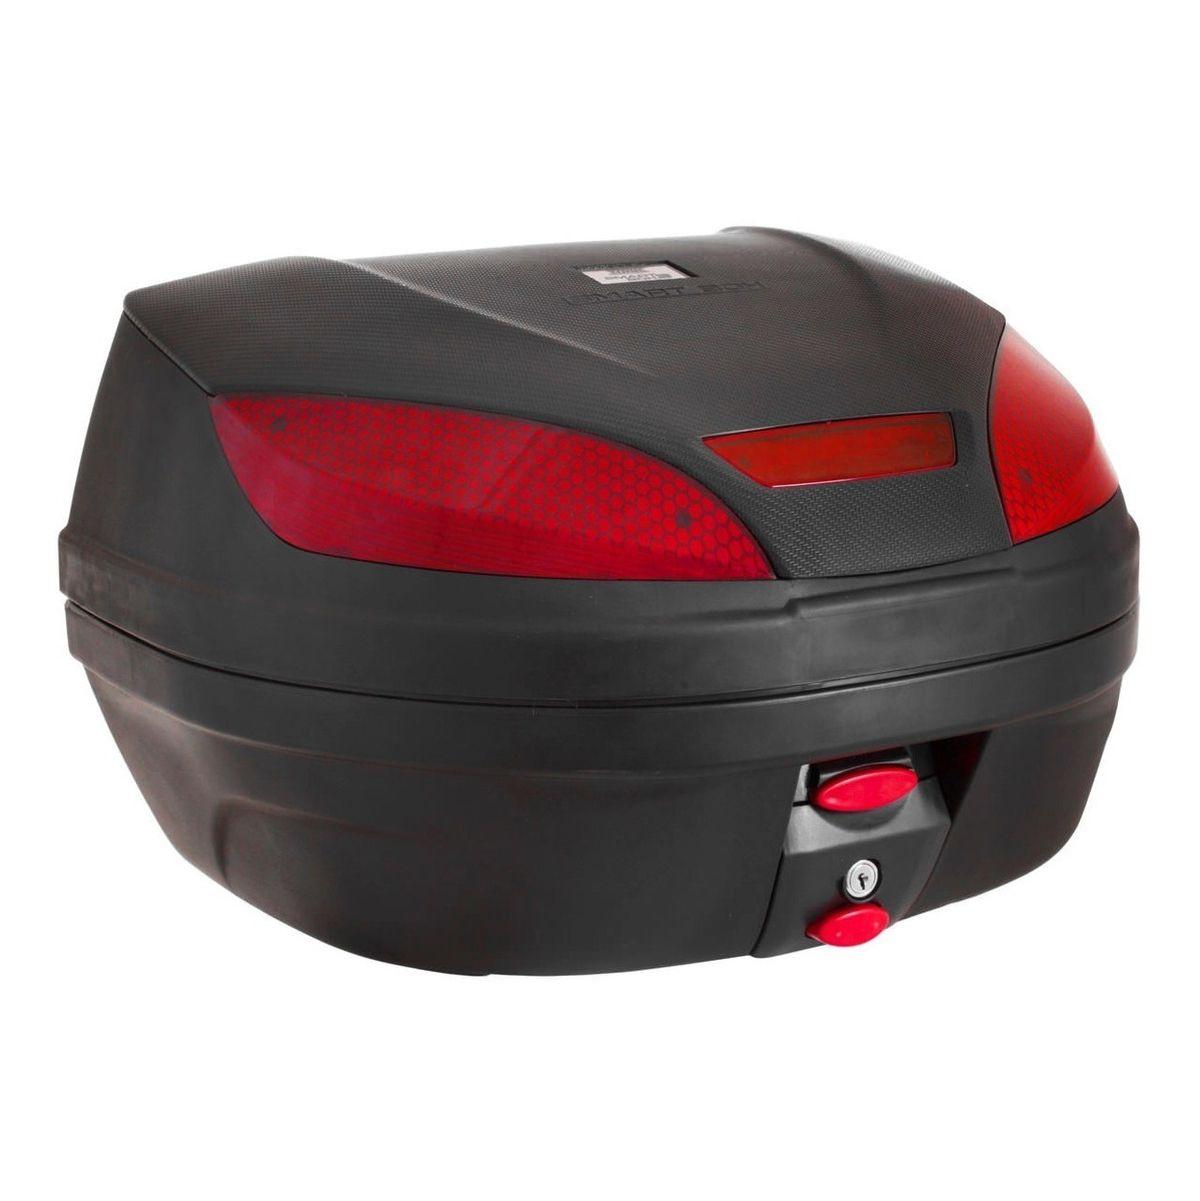 BAULETO PRO TORK SMART BOX 2 PRETO 52 LITROS